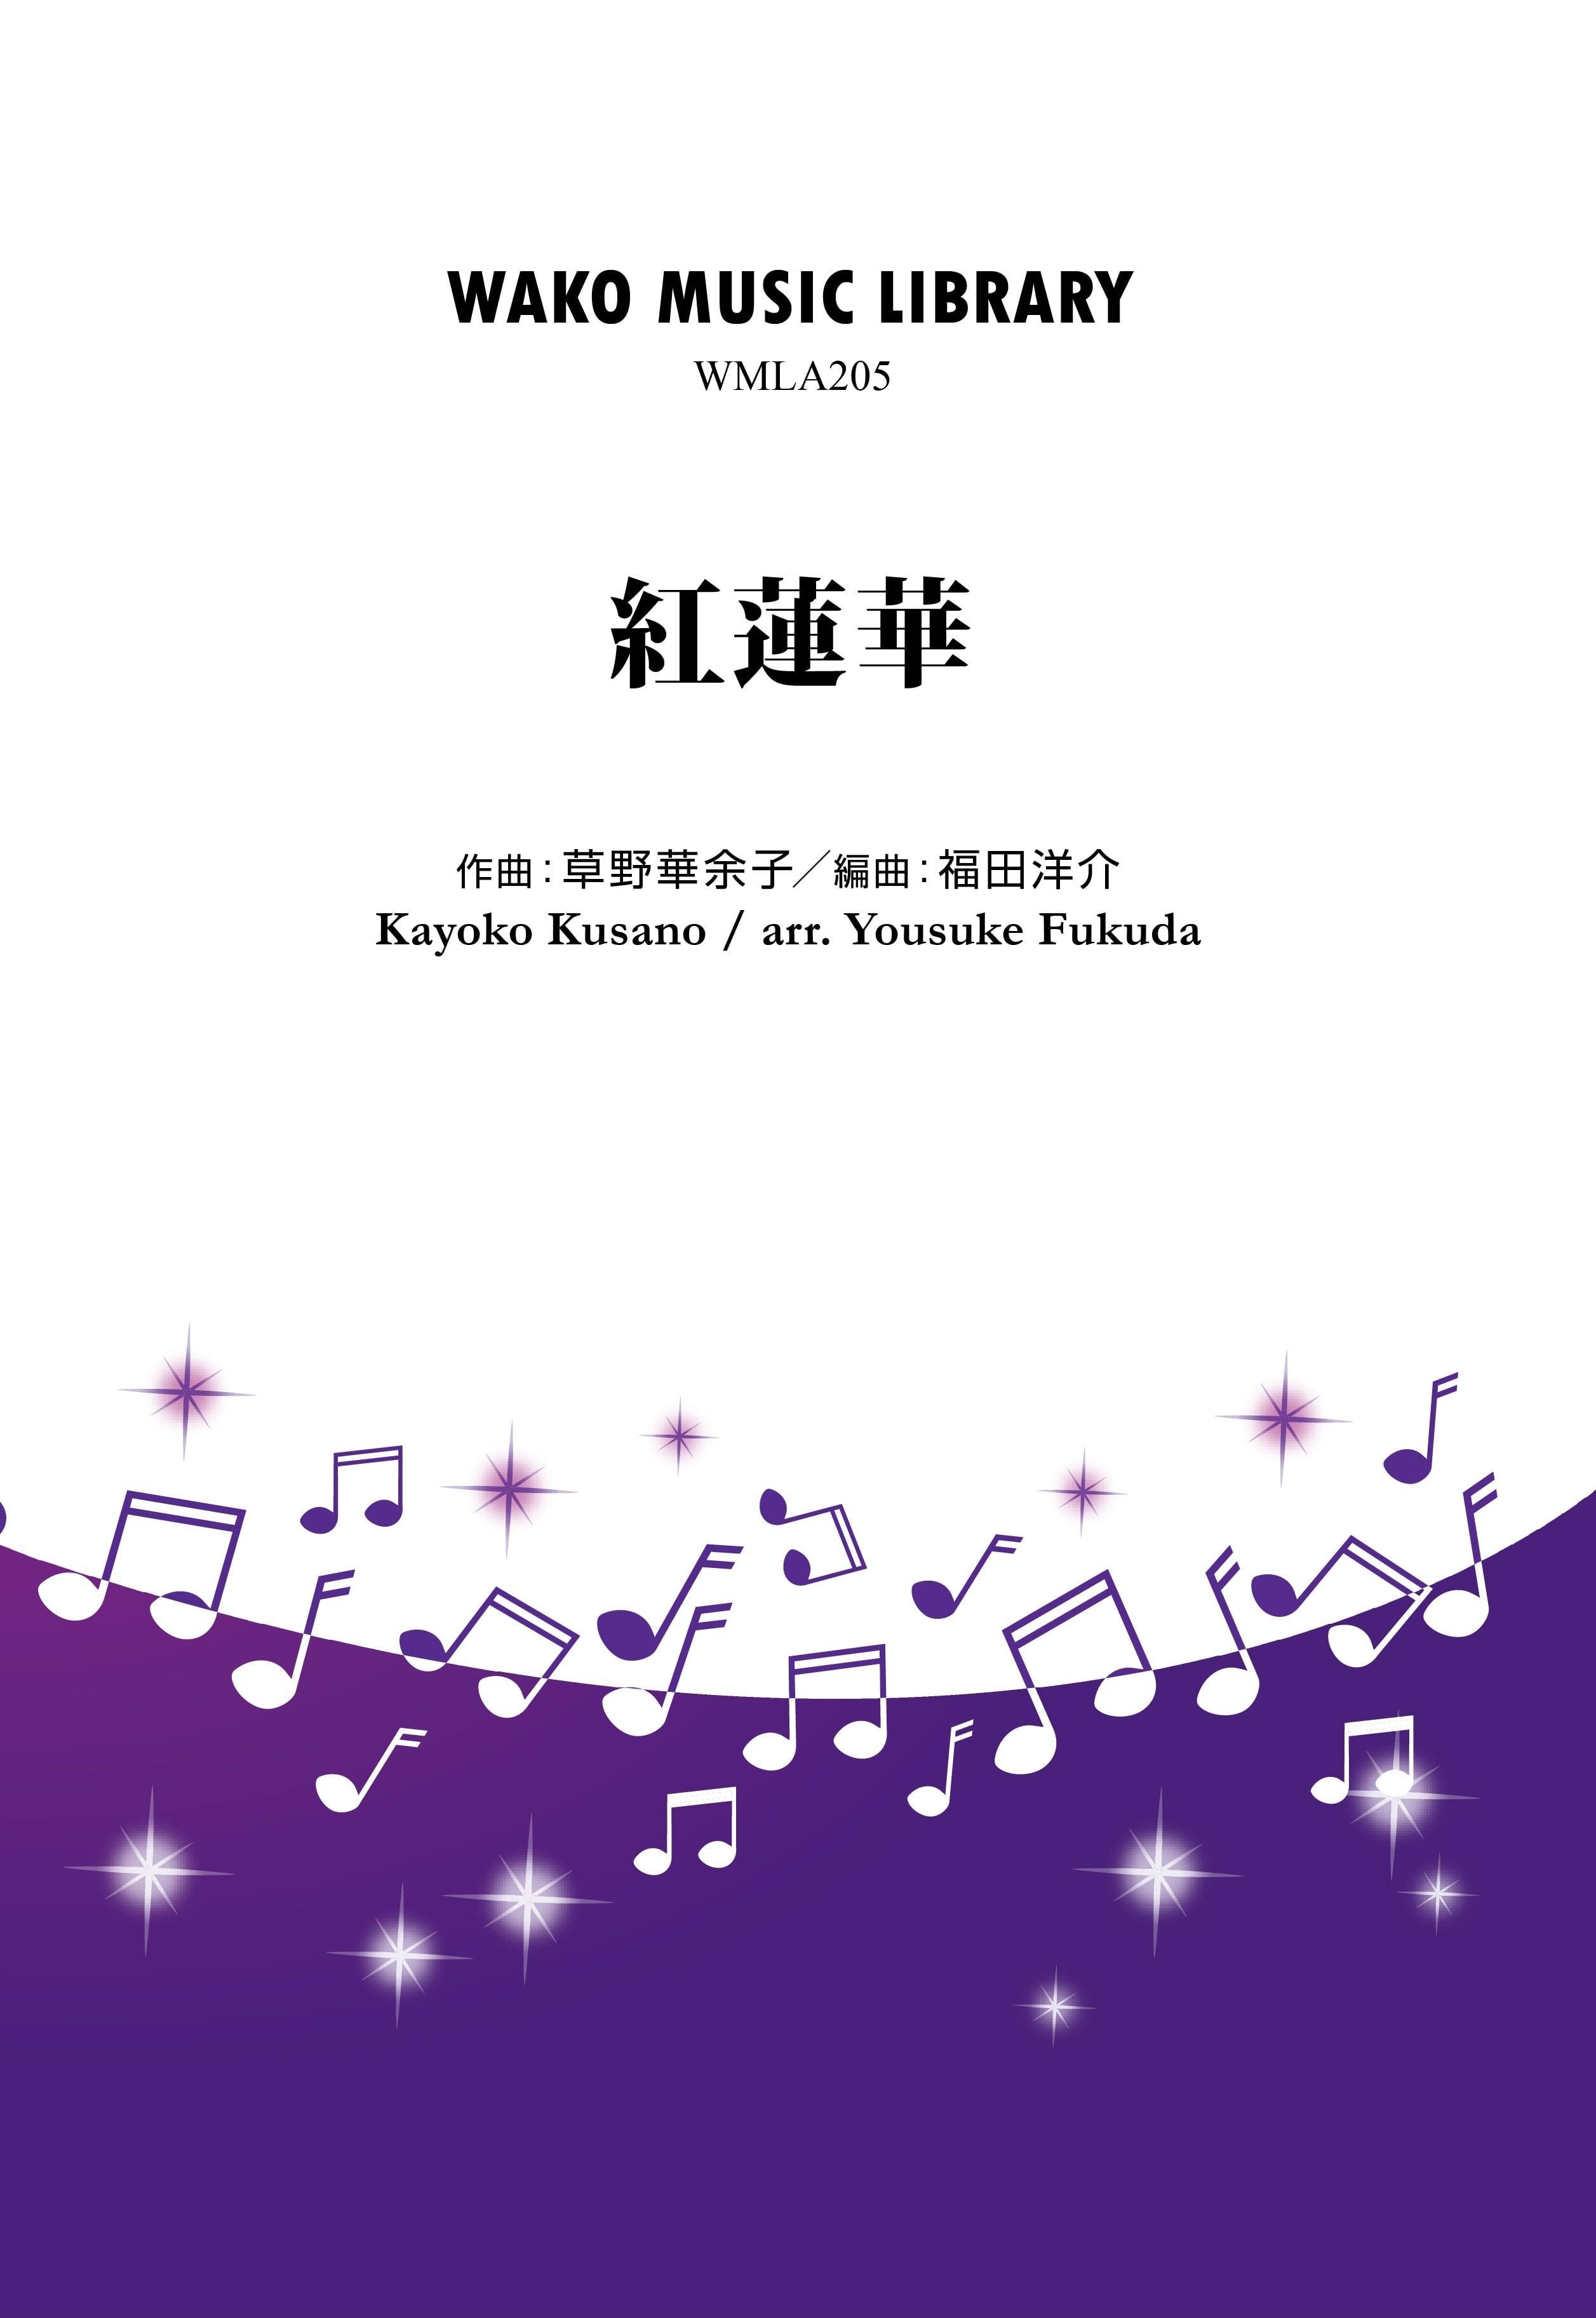 「紅蓮華」 / 草野華余子(arr.福田洋介)(WMLA-0205)